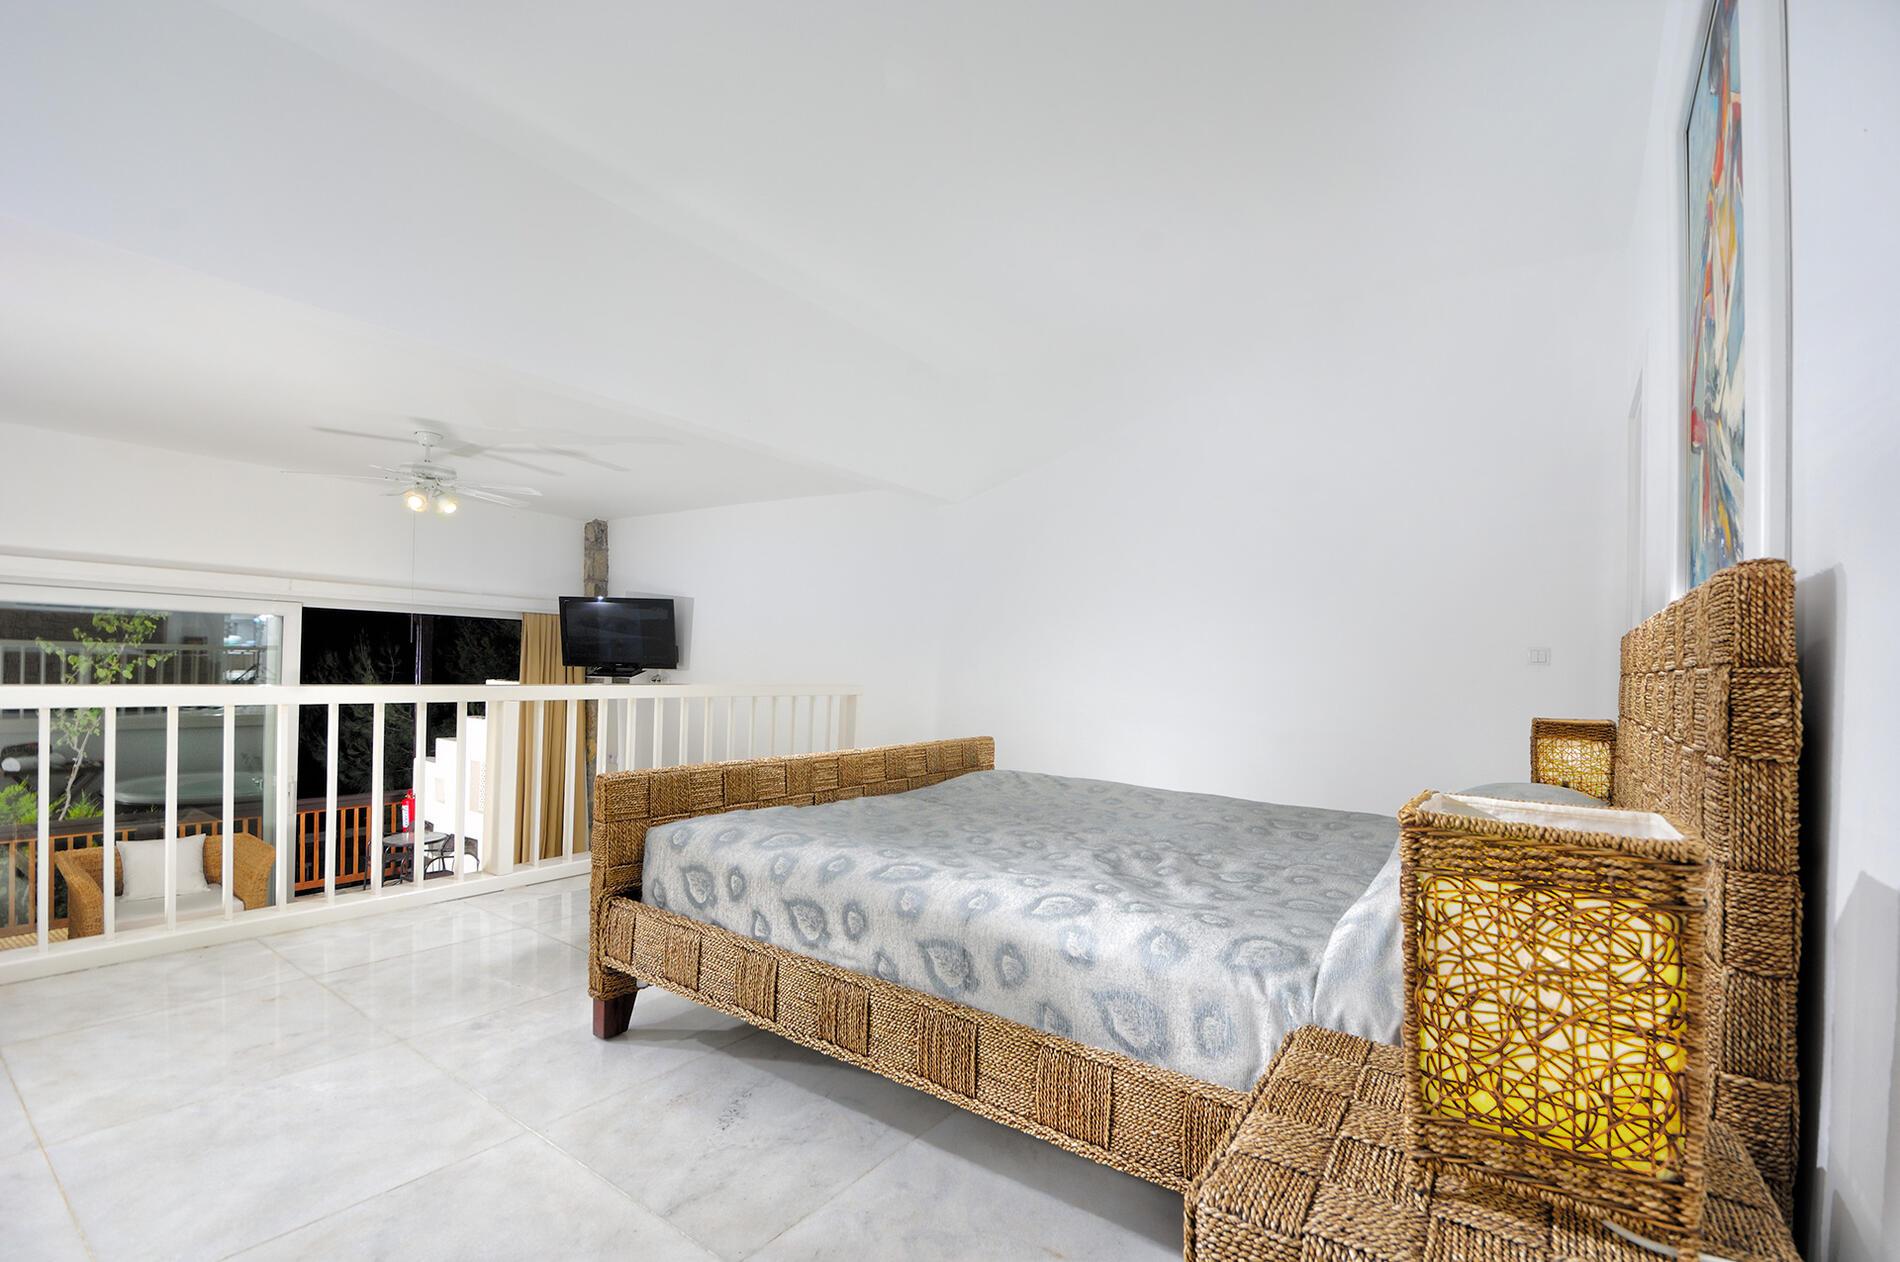 Superior Suite at Sarpedor Boutique Beach Hotel in Bodrum, Turke